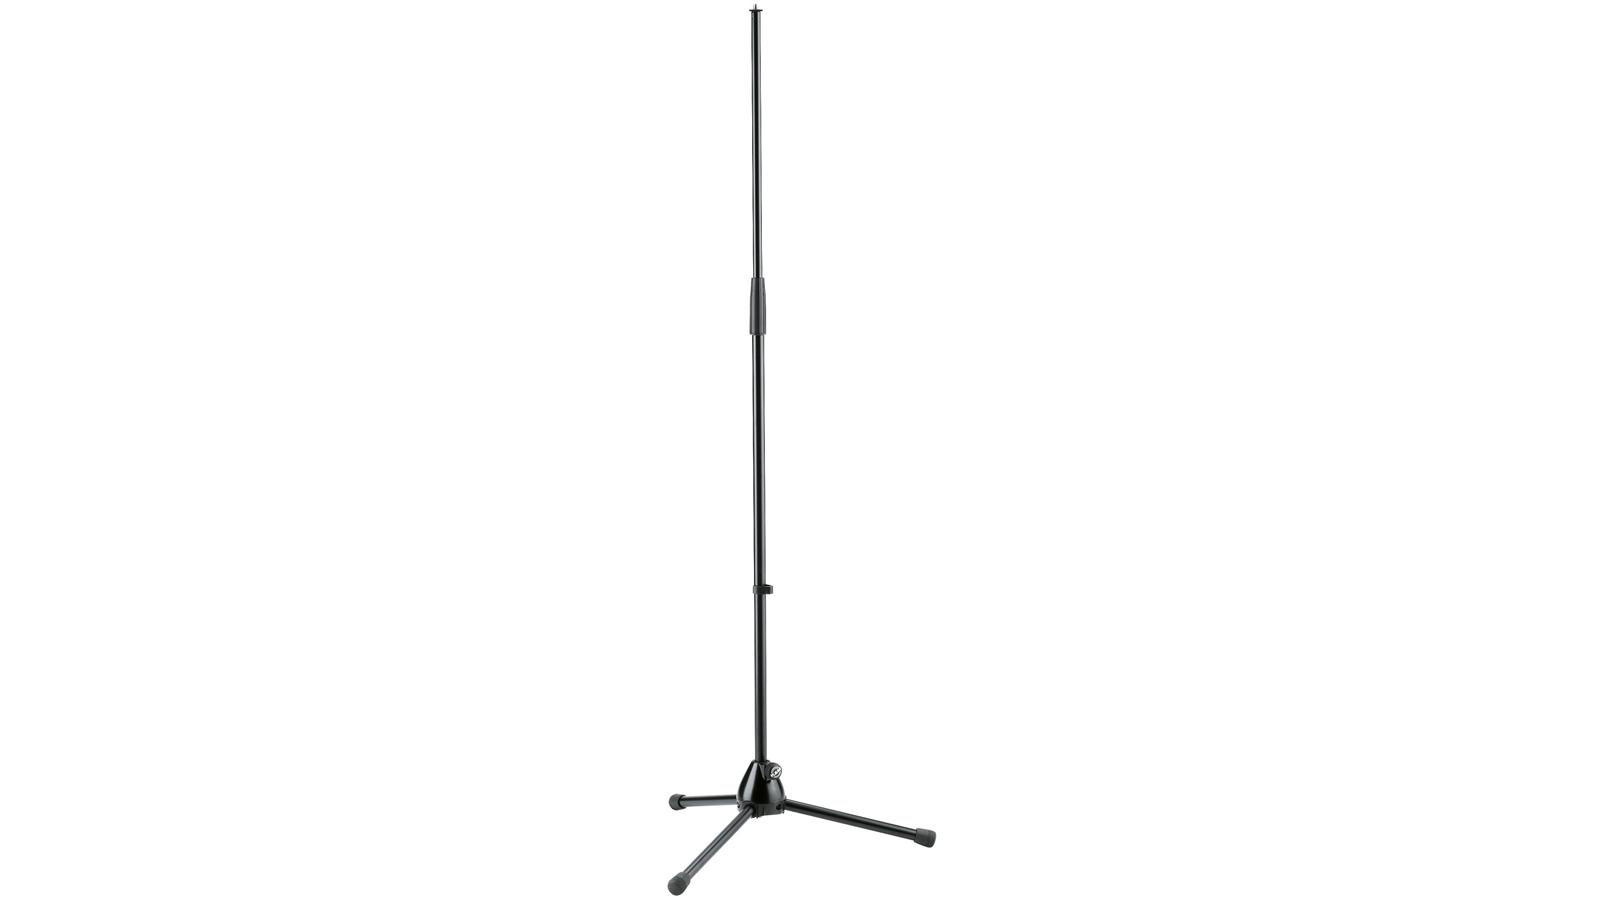 K&M Mikrofonstativ schwarz 20120